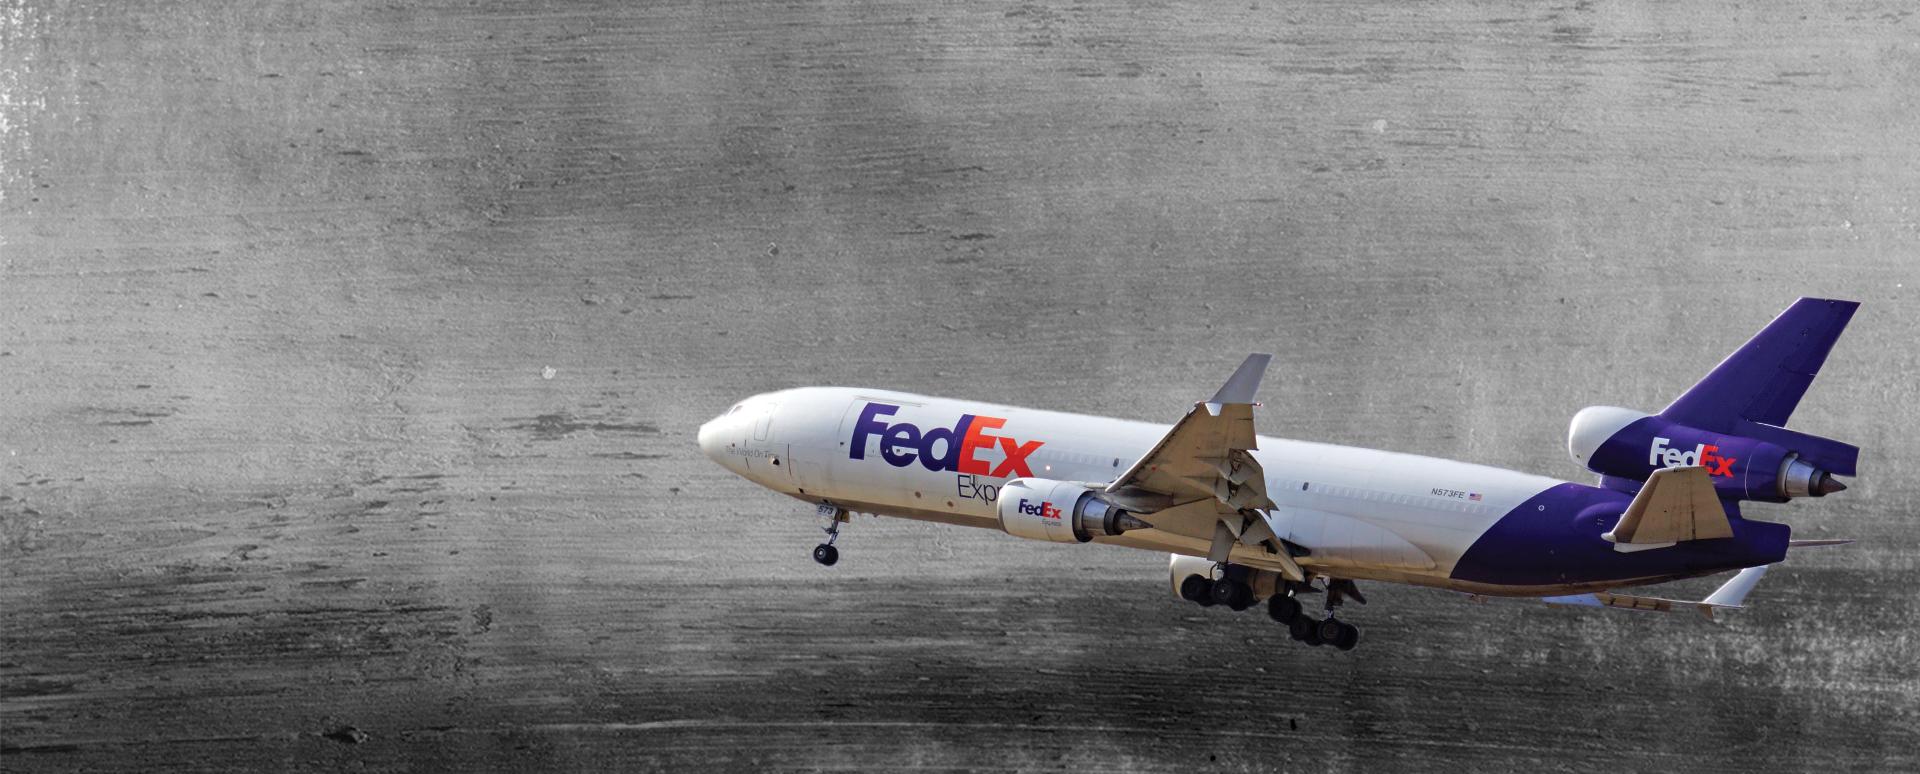 Exoparts inner-page slider: FedEx (image)